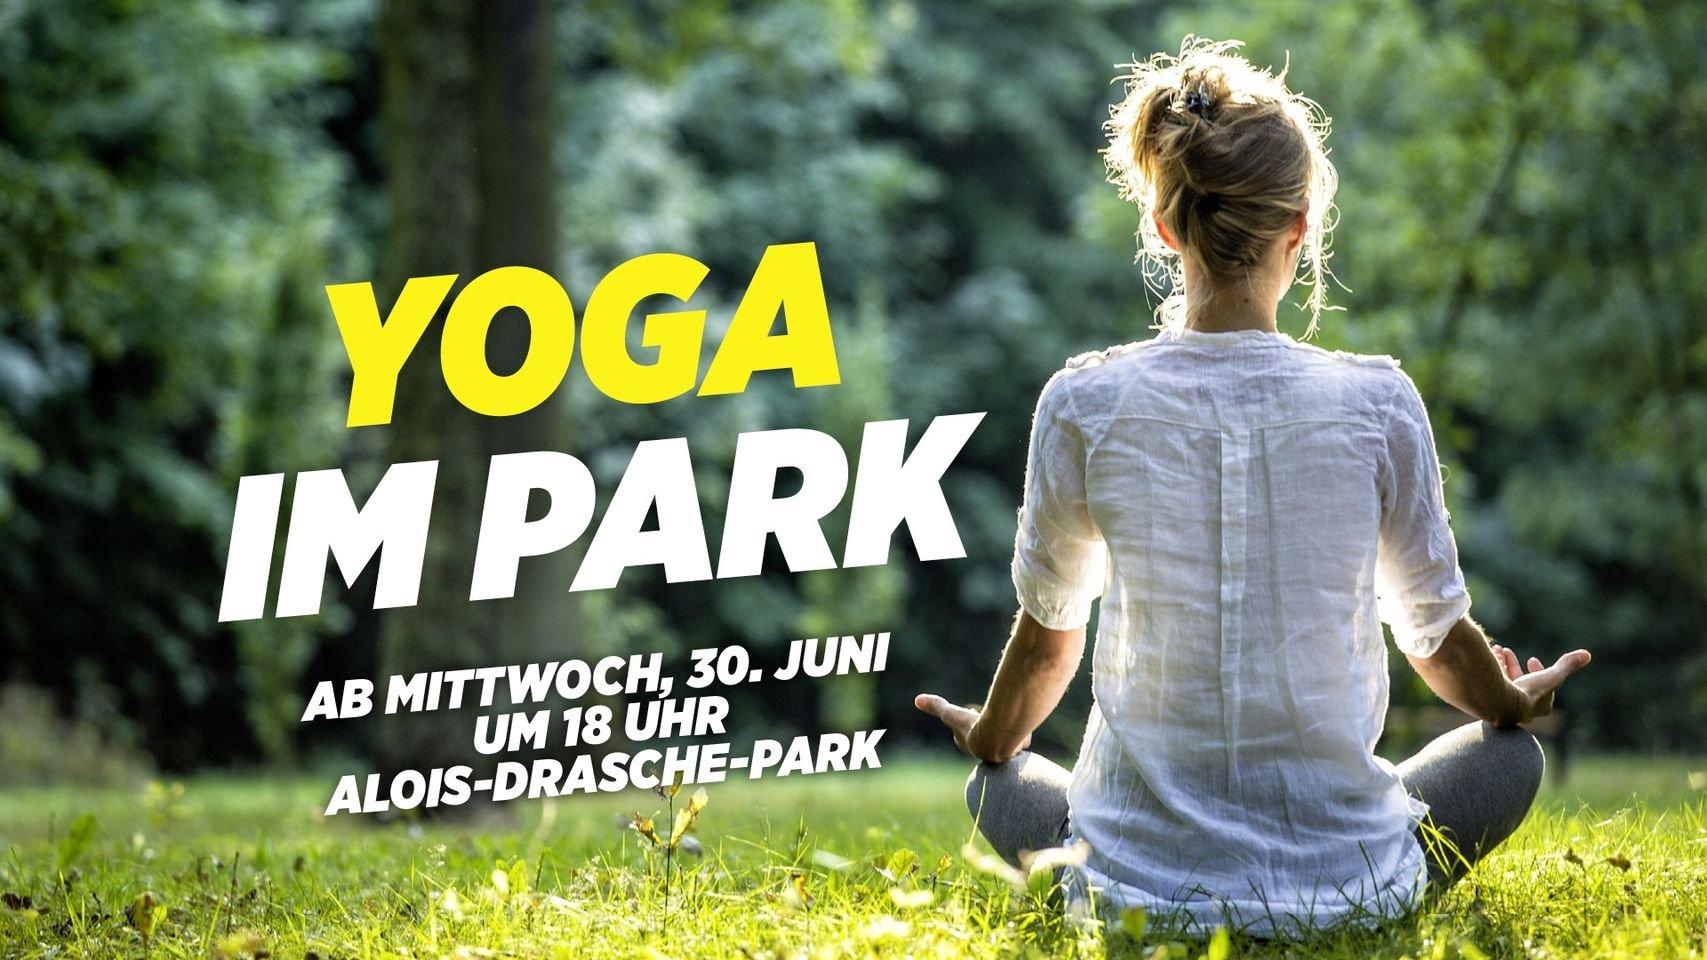 Yoga im Park Vienna